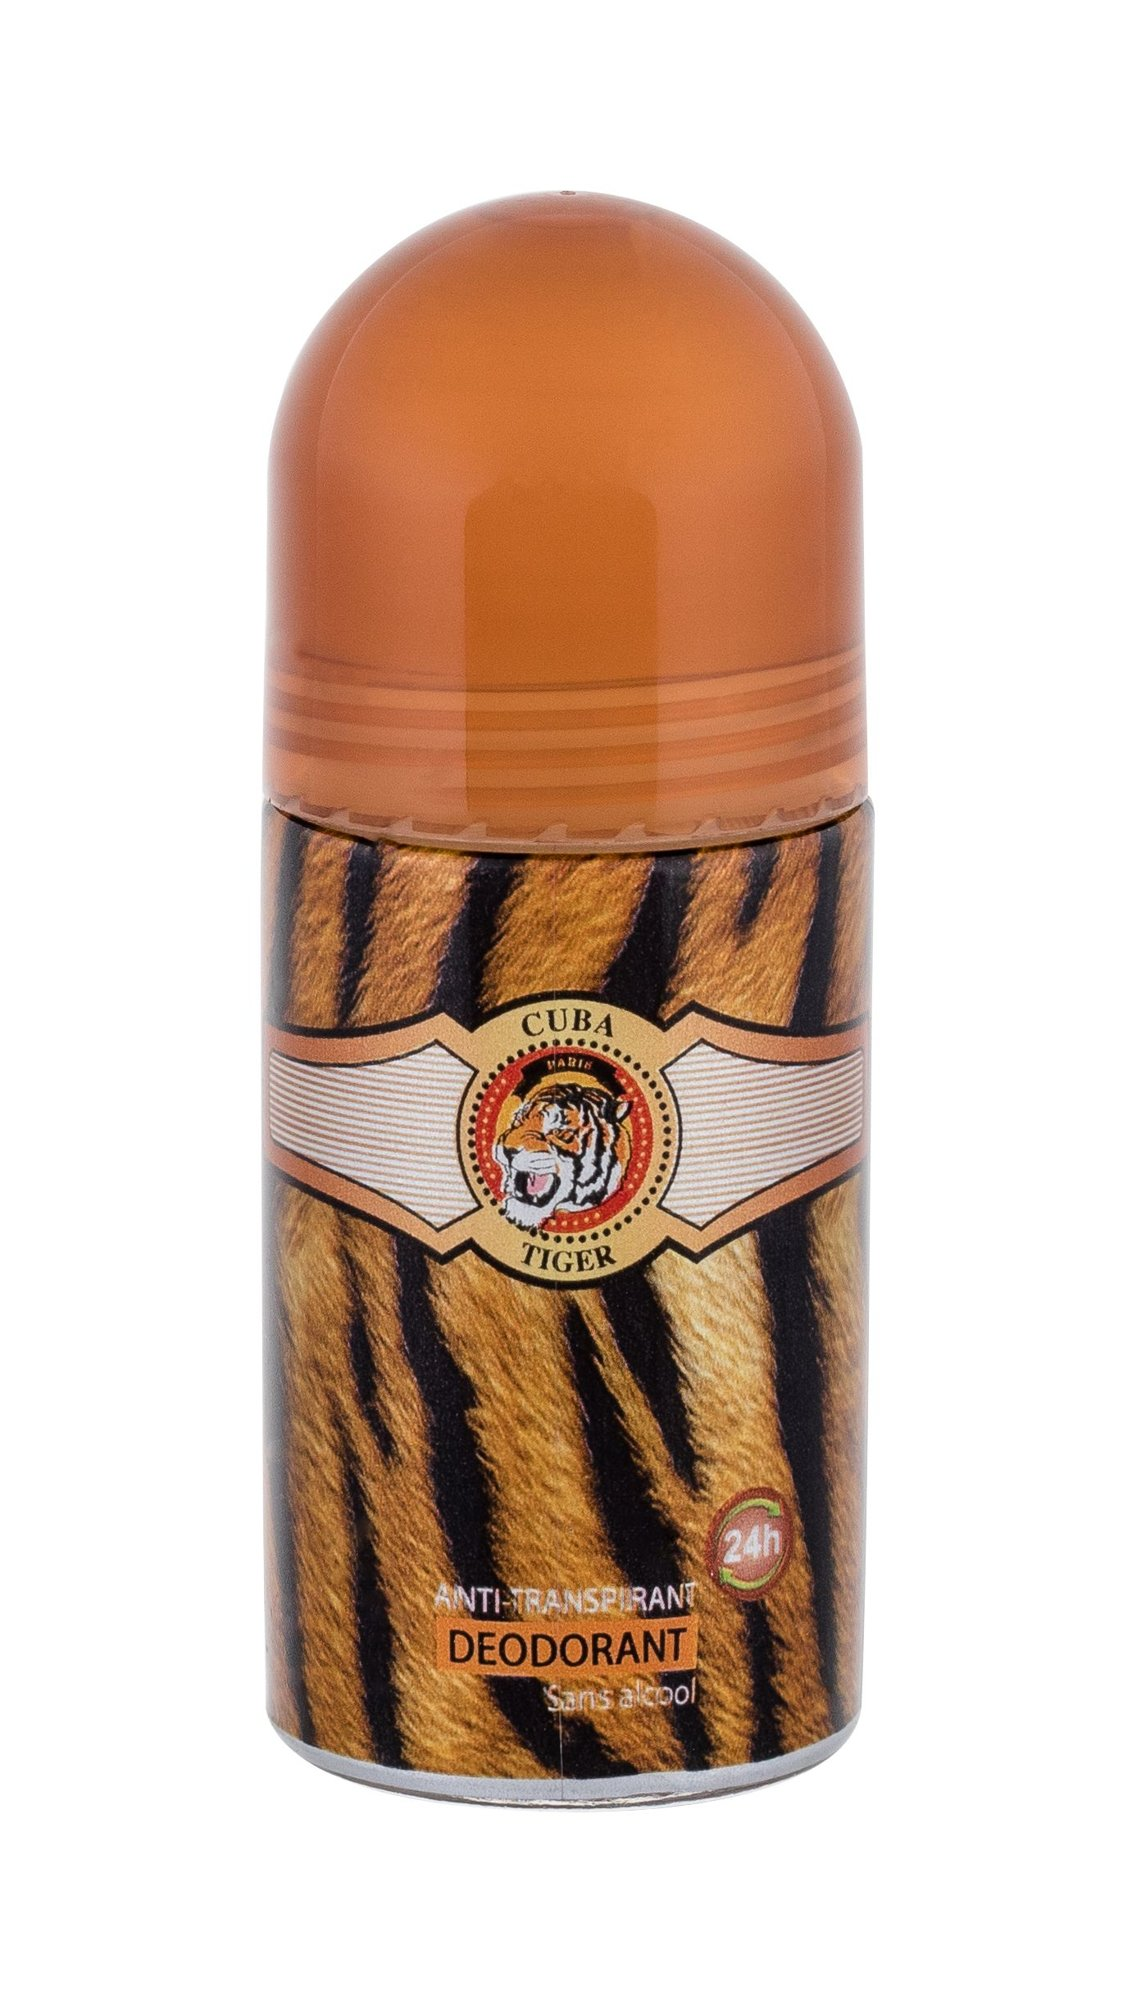 Cuba Tiger Deodorant 50ml